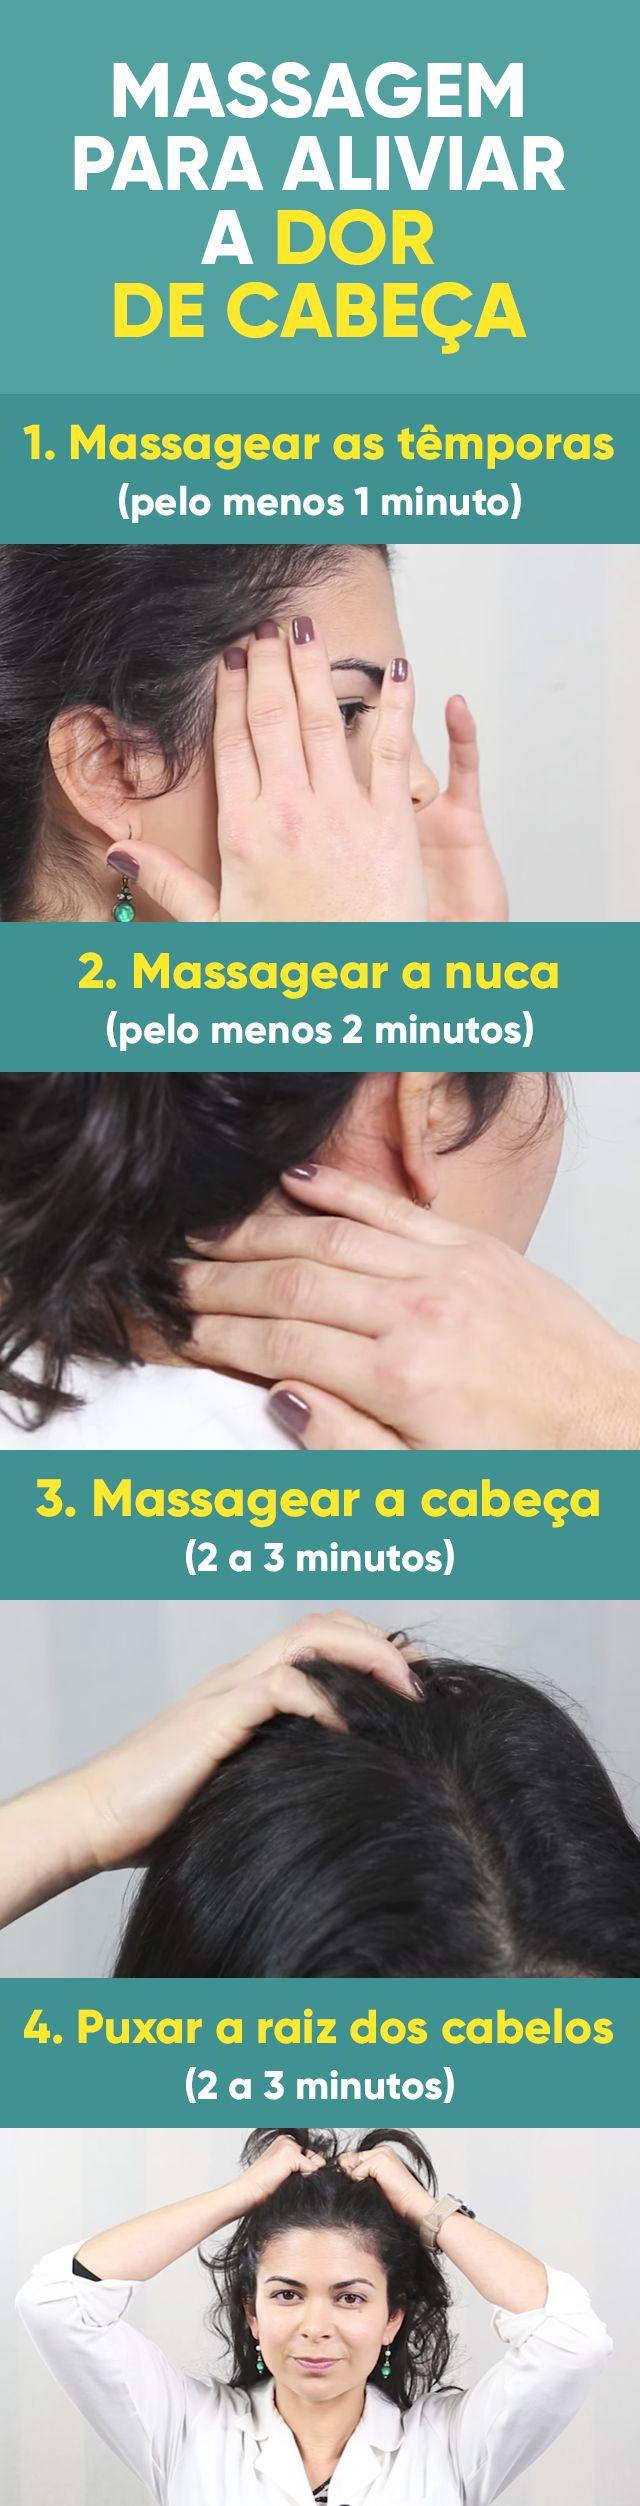 Uma boa massagem para dor de cabeça consiste em pressionar levemente com movimentos circulares alguns pontos estratégicos da cabeça, como têmporas, nuca e o topo da cabeça.